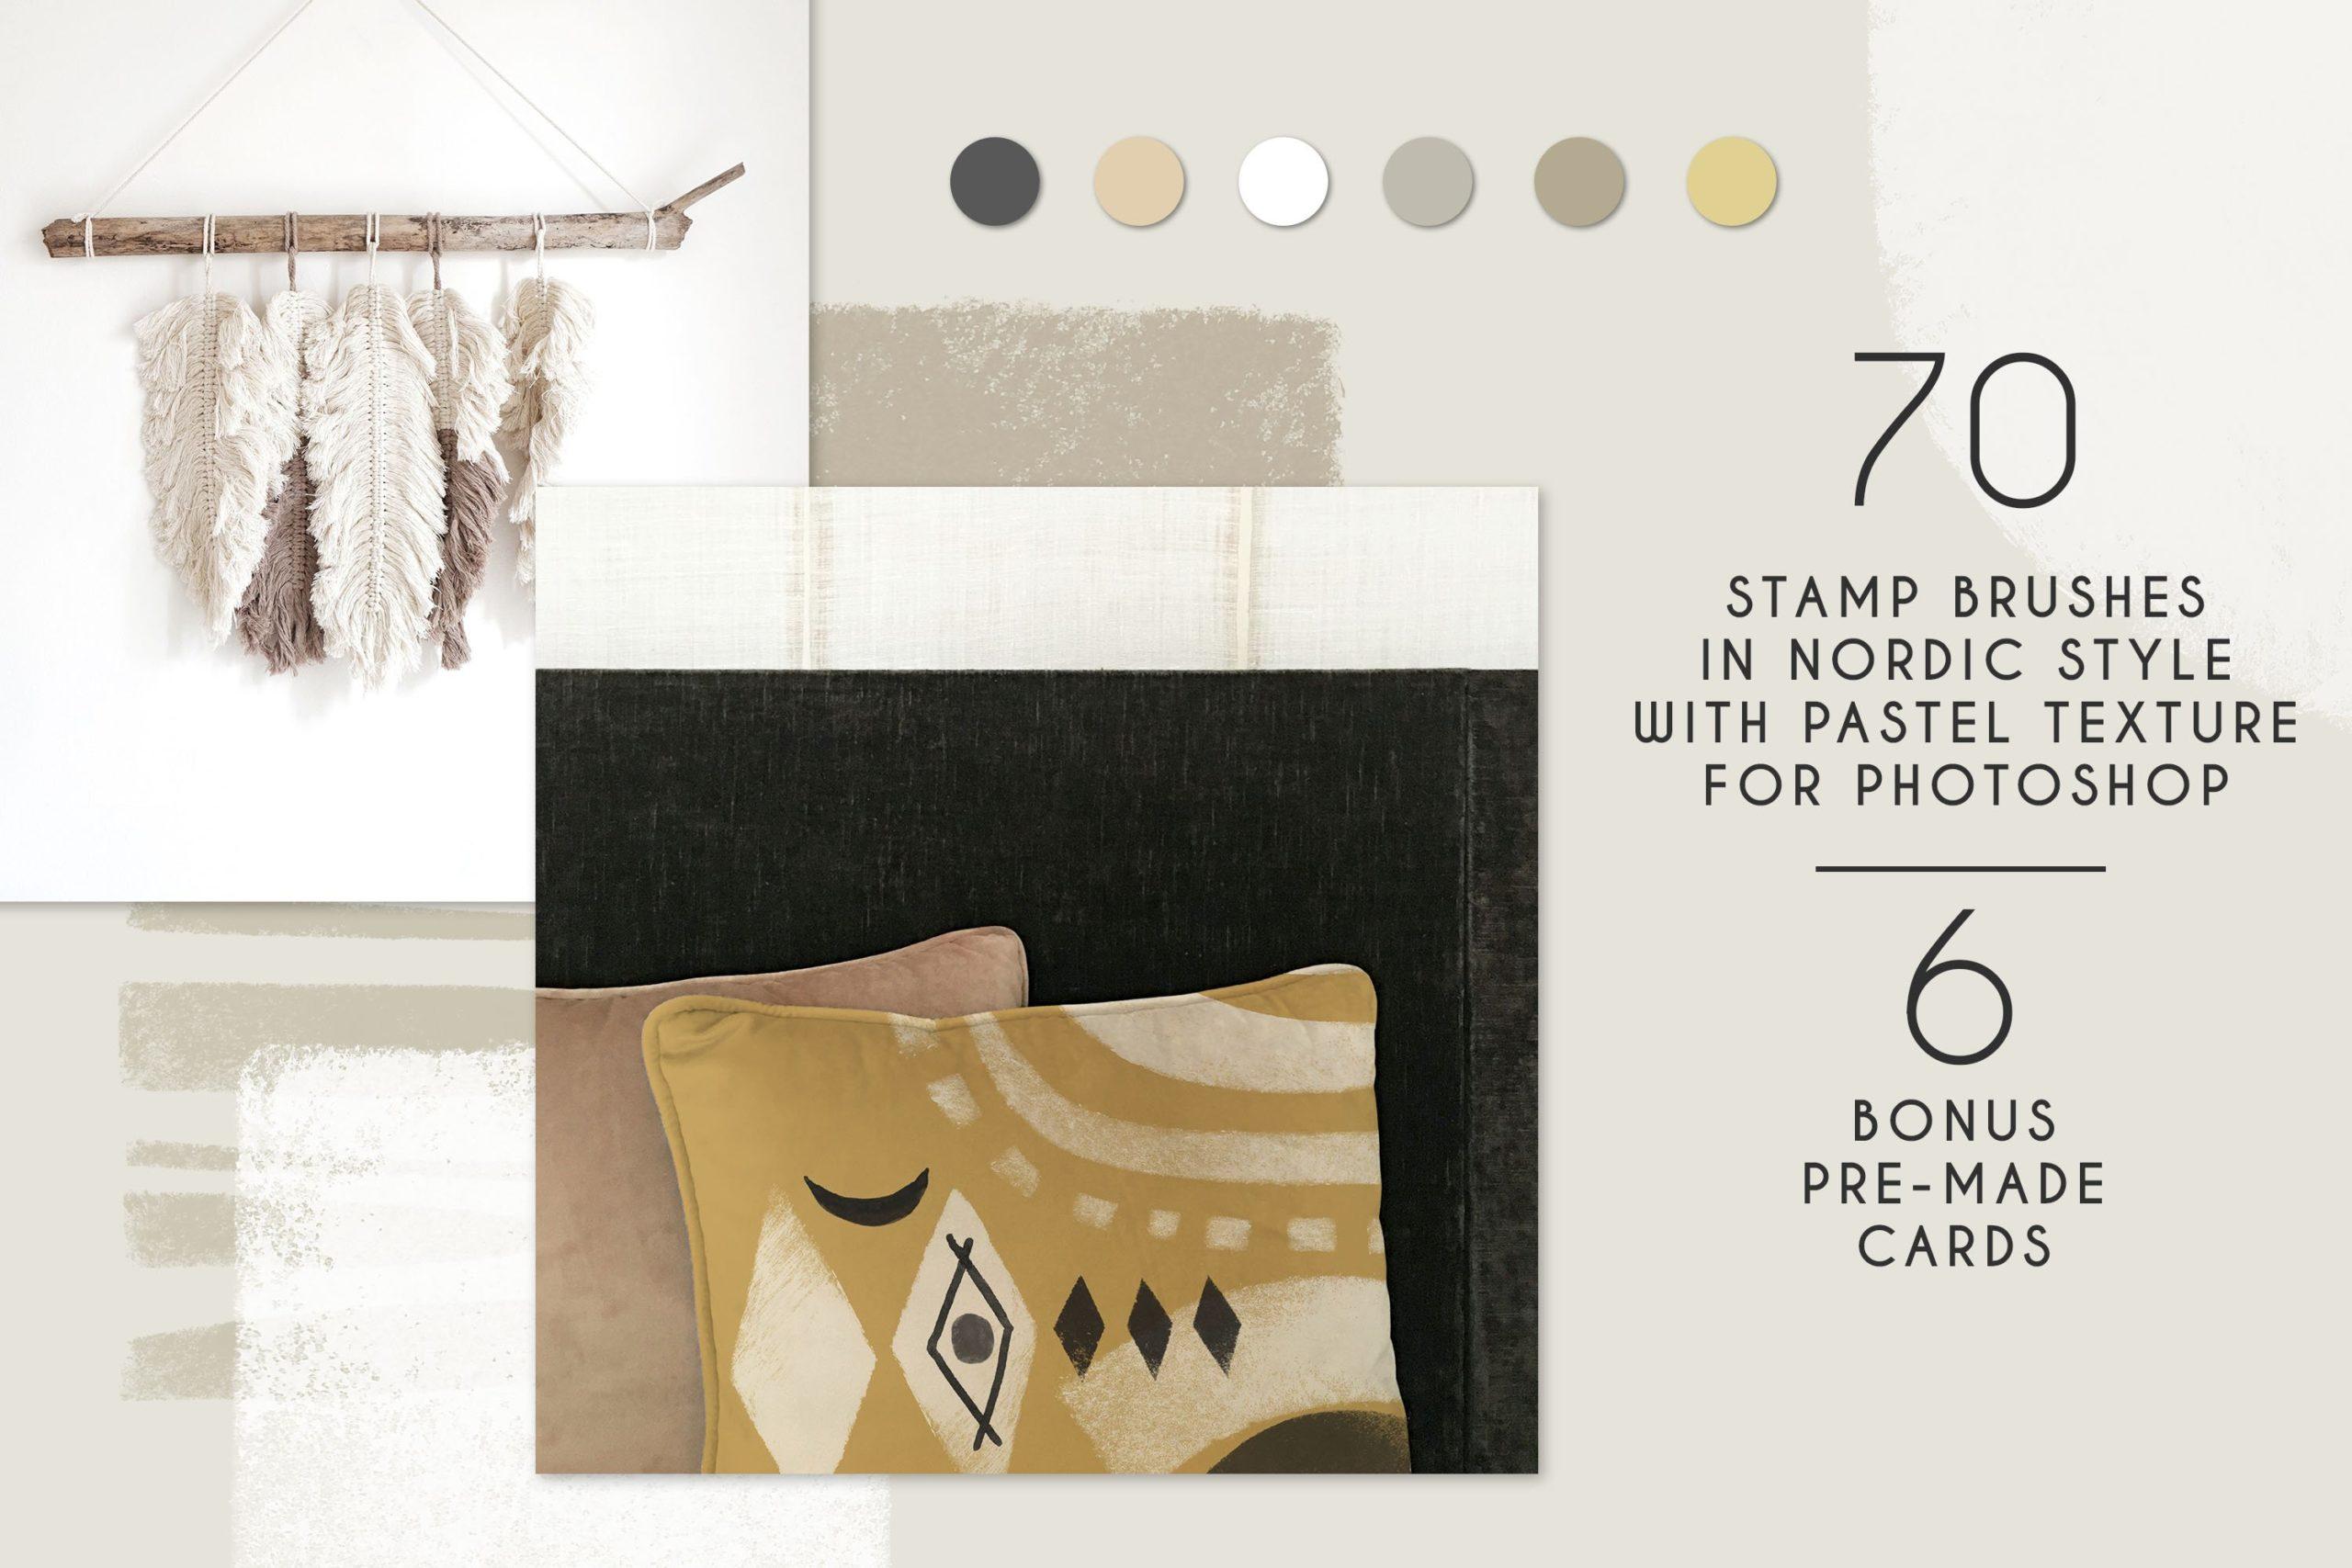 775款艺术气息水彩水墨丙烯酸绘画效果PS图章笔刷素材 Photoshop Stamp Brushes Bundle 2020插图32